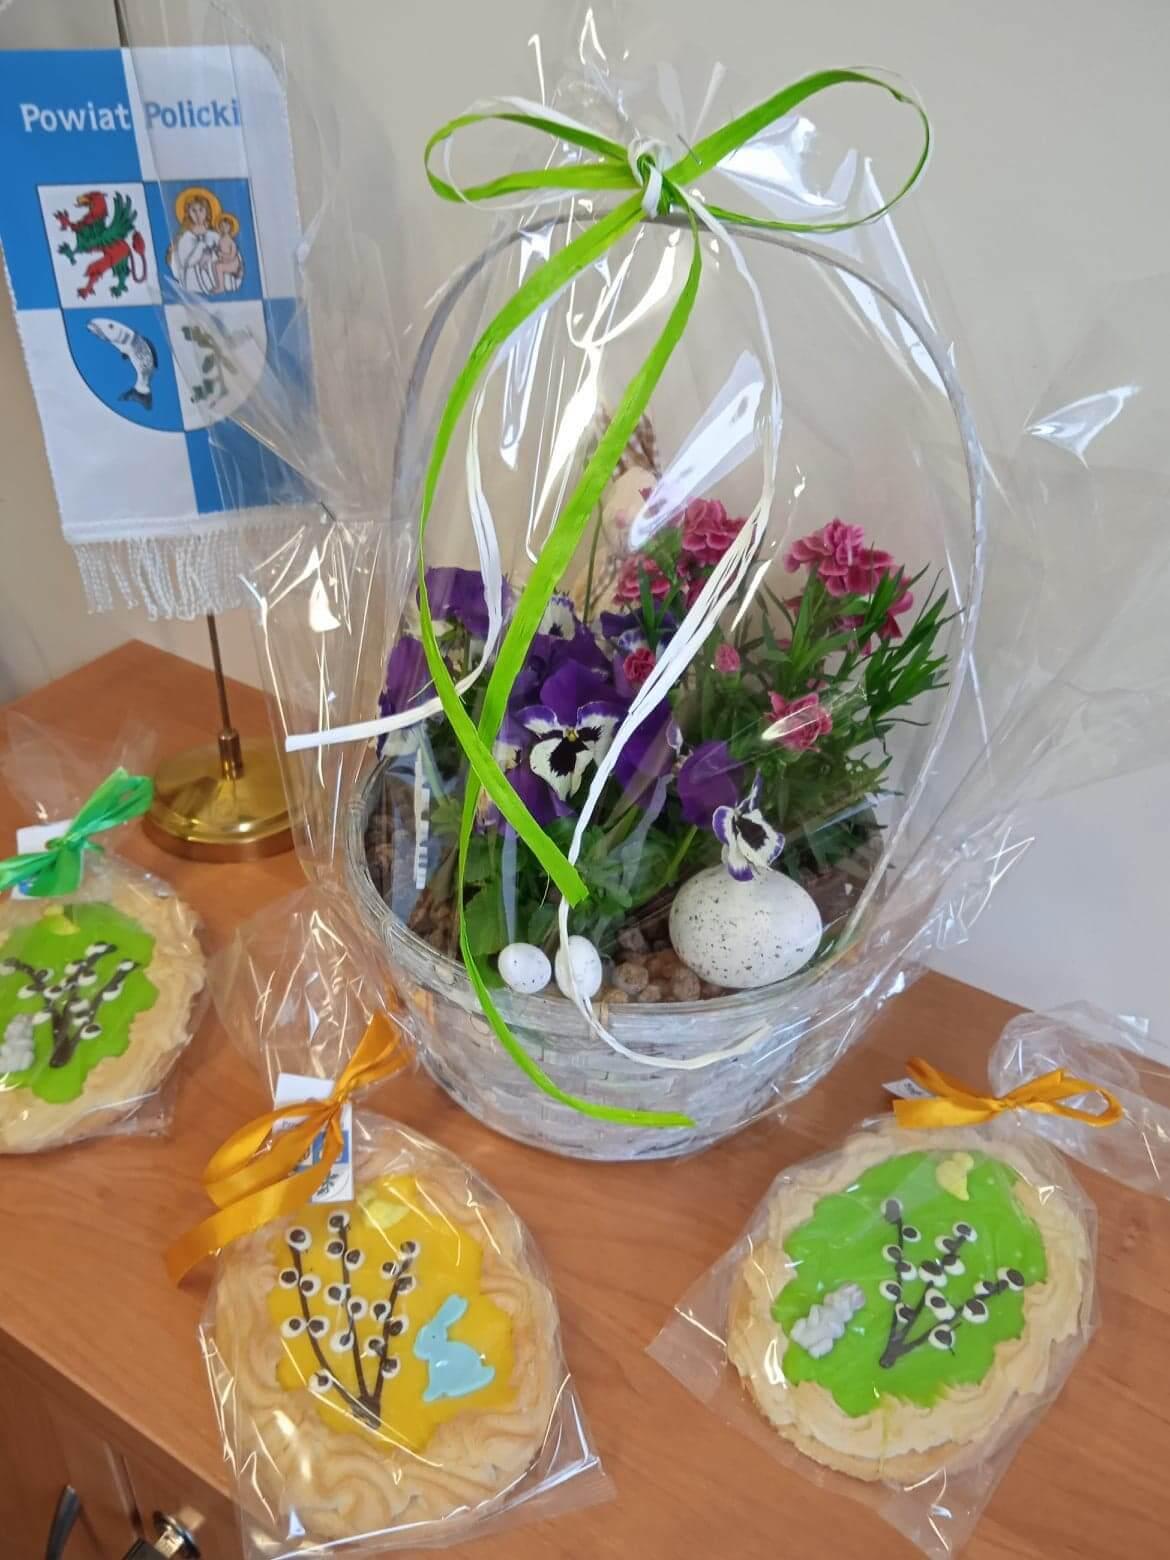 Wielkanocny kosz oraz ozdoby świateczne w postaci 3 kolorowych ciast typu mazurek.